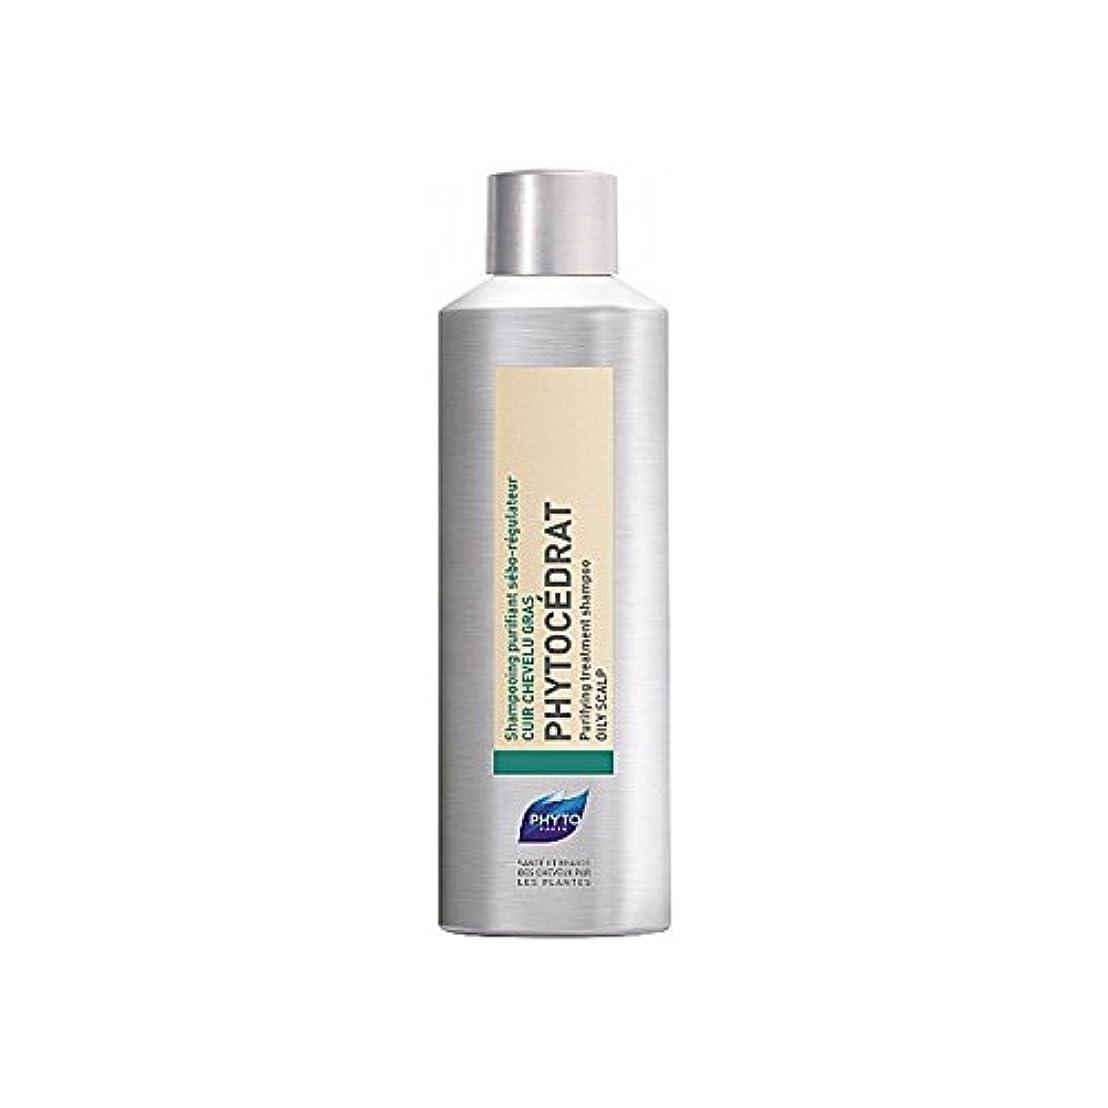 驚いた法王盆フィトシャンプー200ミリリットル x4 - Phyto Phytocedrat Shampoo 200ml (Pack of 4) [並行輸入品]